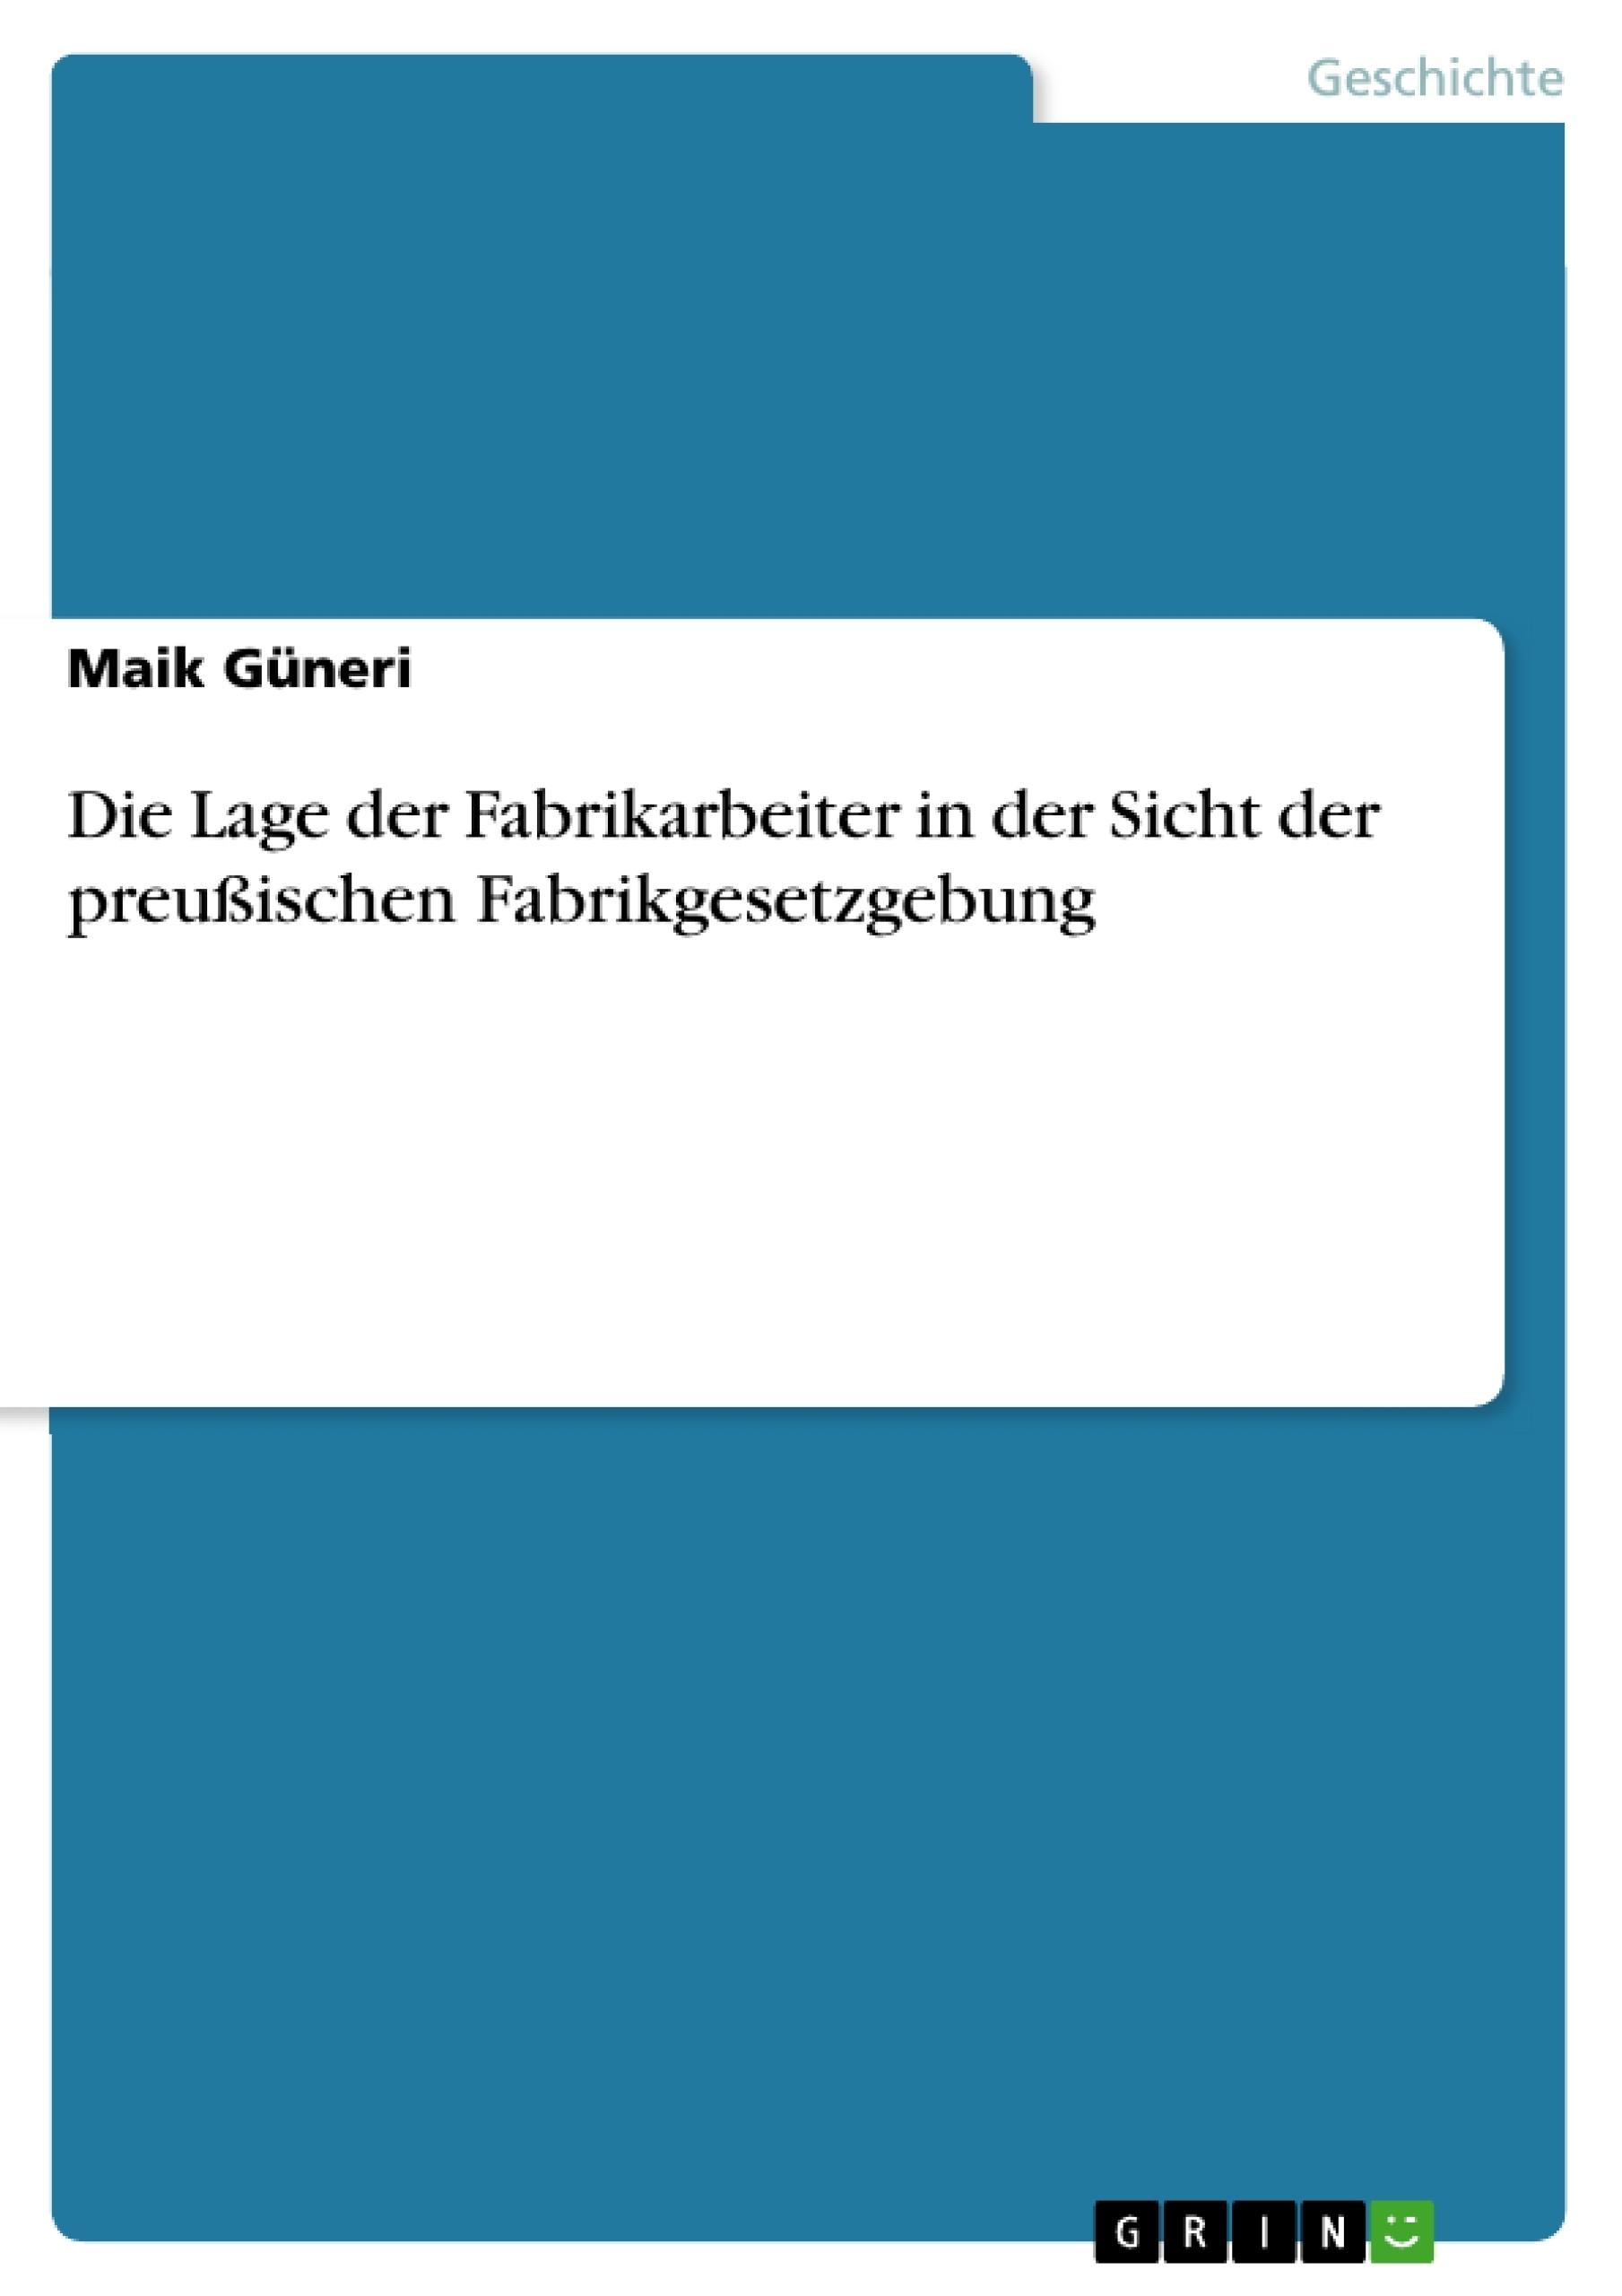 Titel: Die Lage der Fabrikarbeiter in der Sicht der preußischen Fabrikgesetzgebung